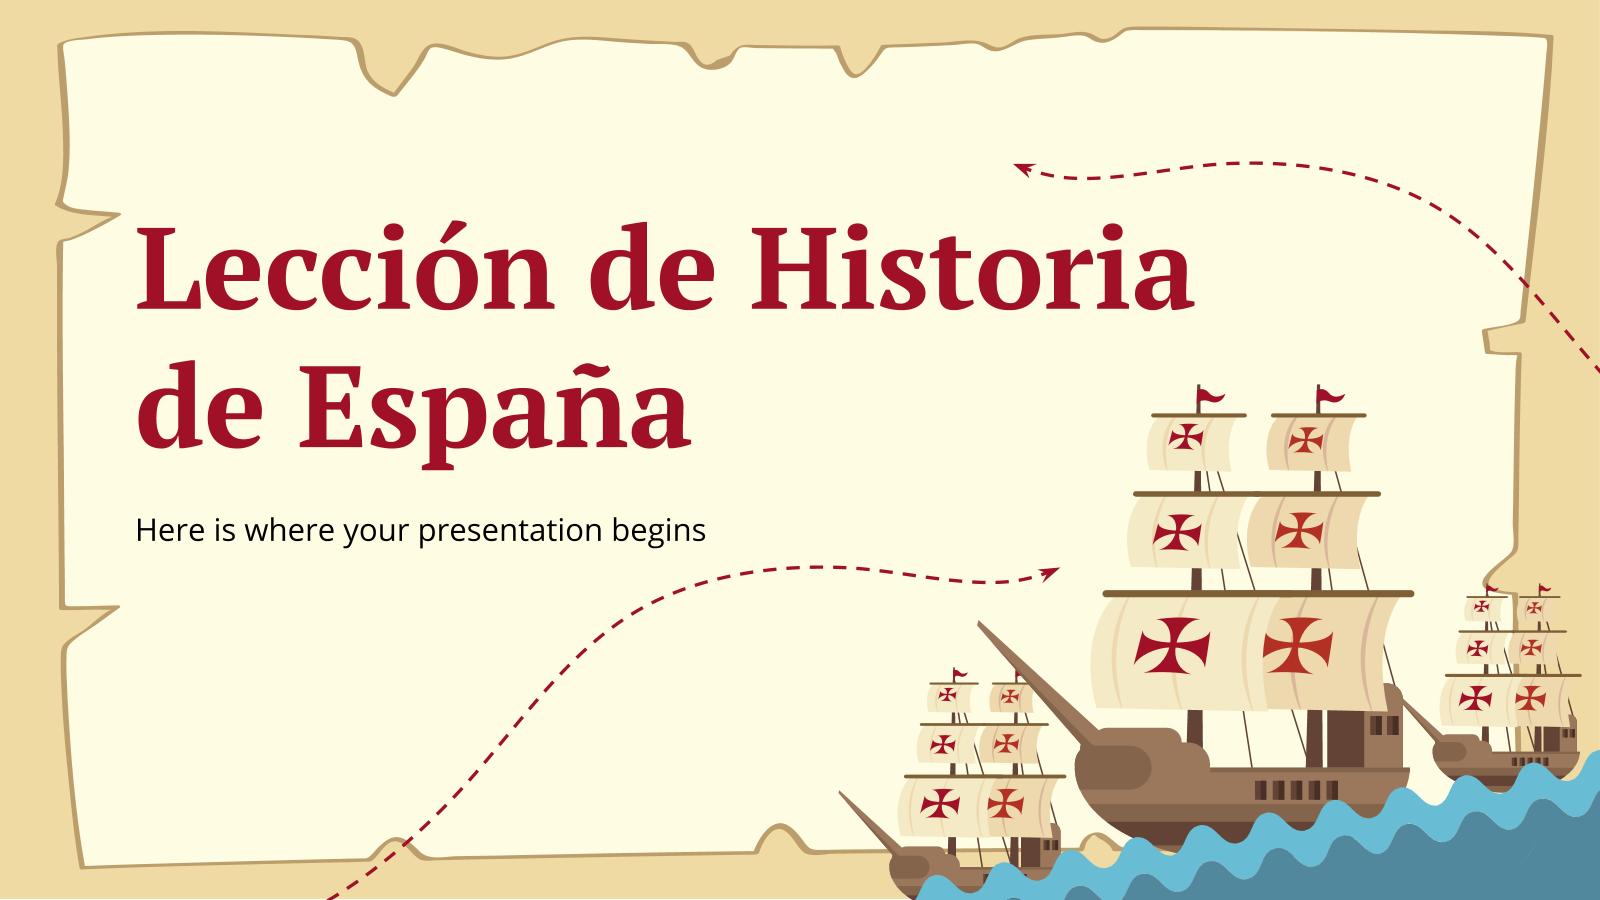 Lección de Historia de España presentation template